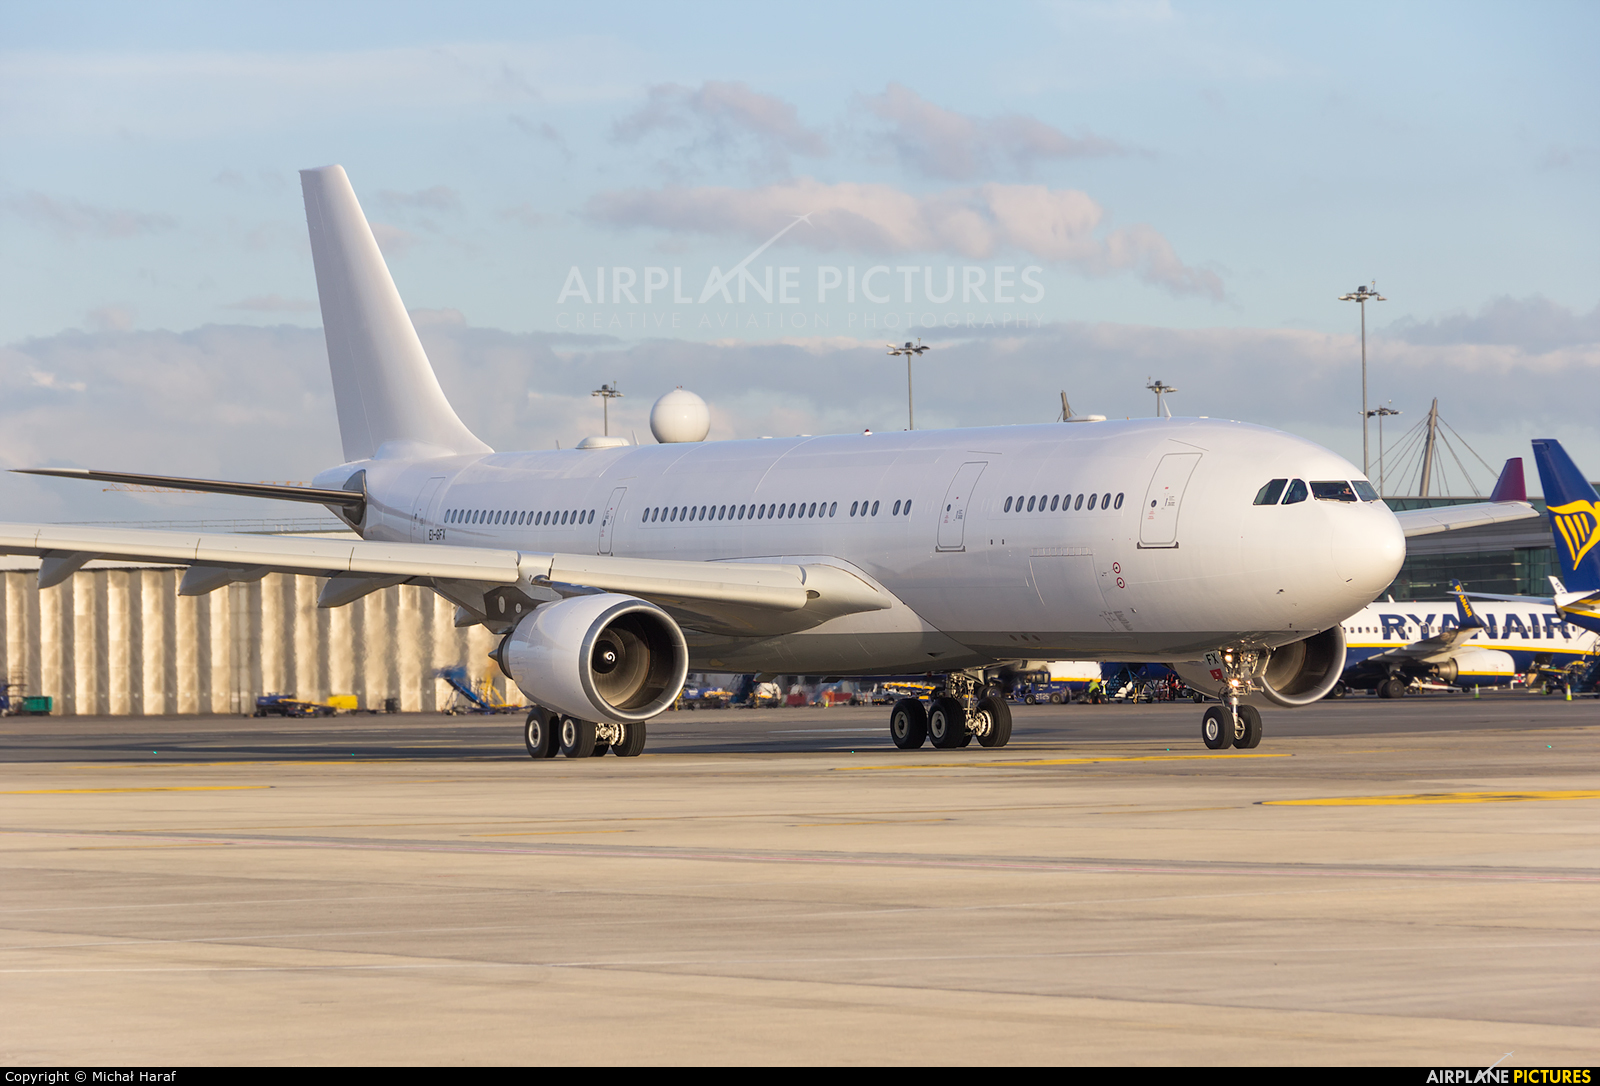 Air Italy EI-GFX aircraft at Dublin